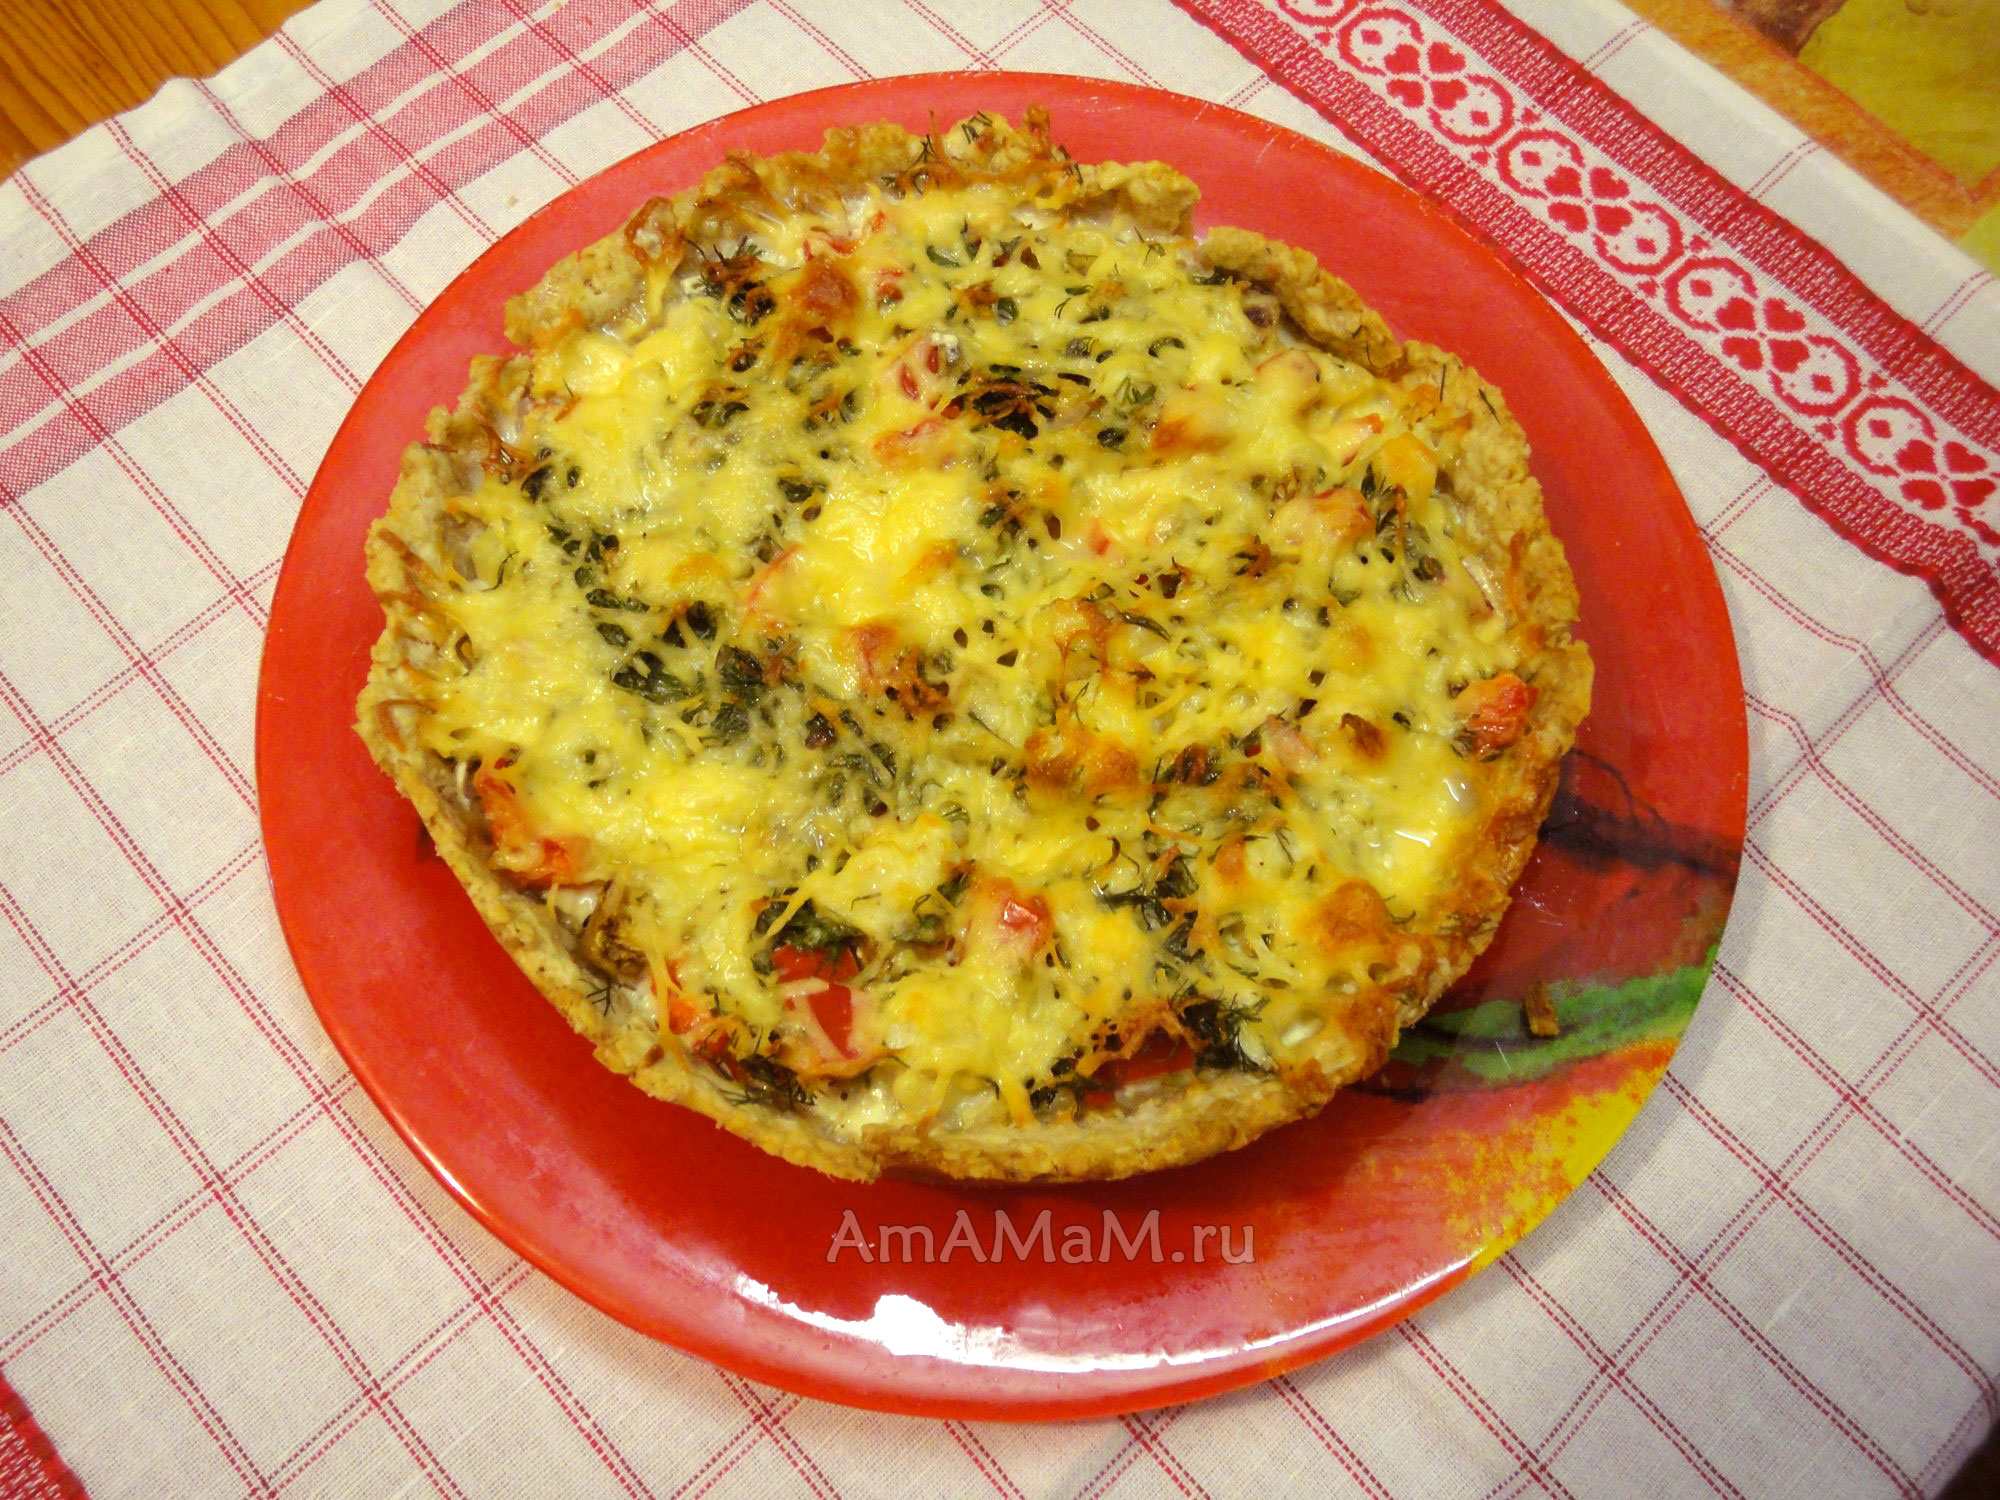 Цветная капуста рецепты приготовления на сковороде с сыром